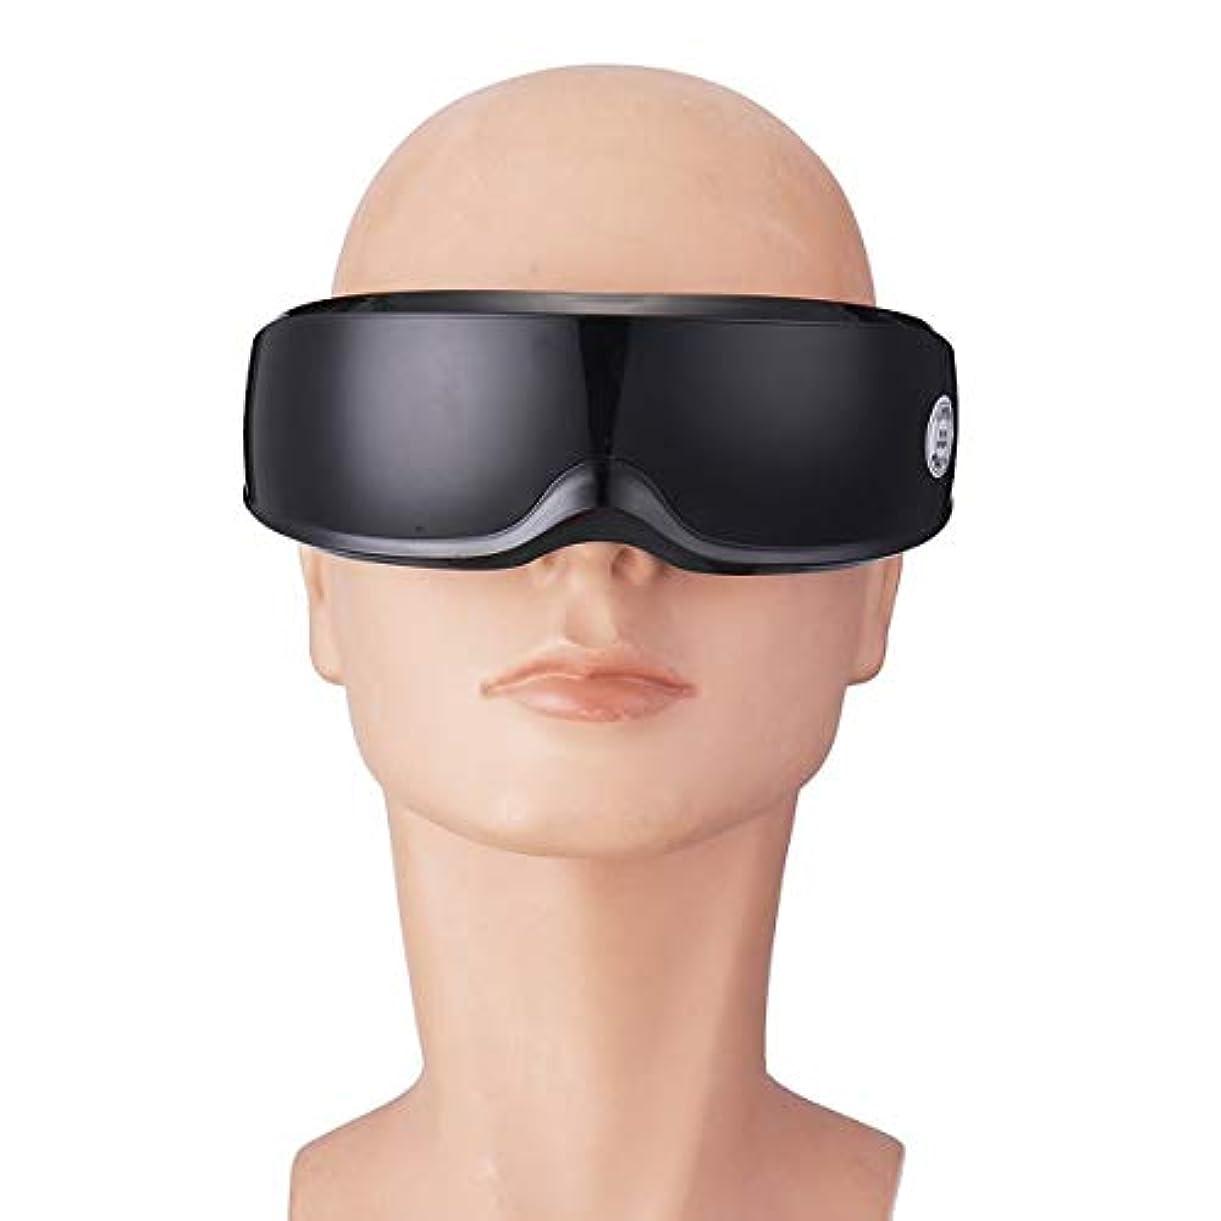 空気謝る征服者USB Charging Electric Eye Massager Heating Care Vibration Massage Stress Relief Relaxation Eyesight Recovery Eye...